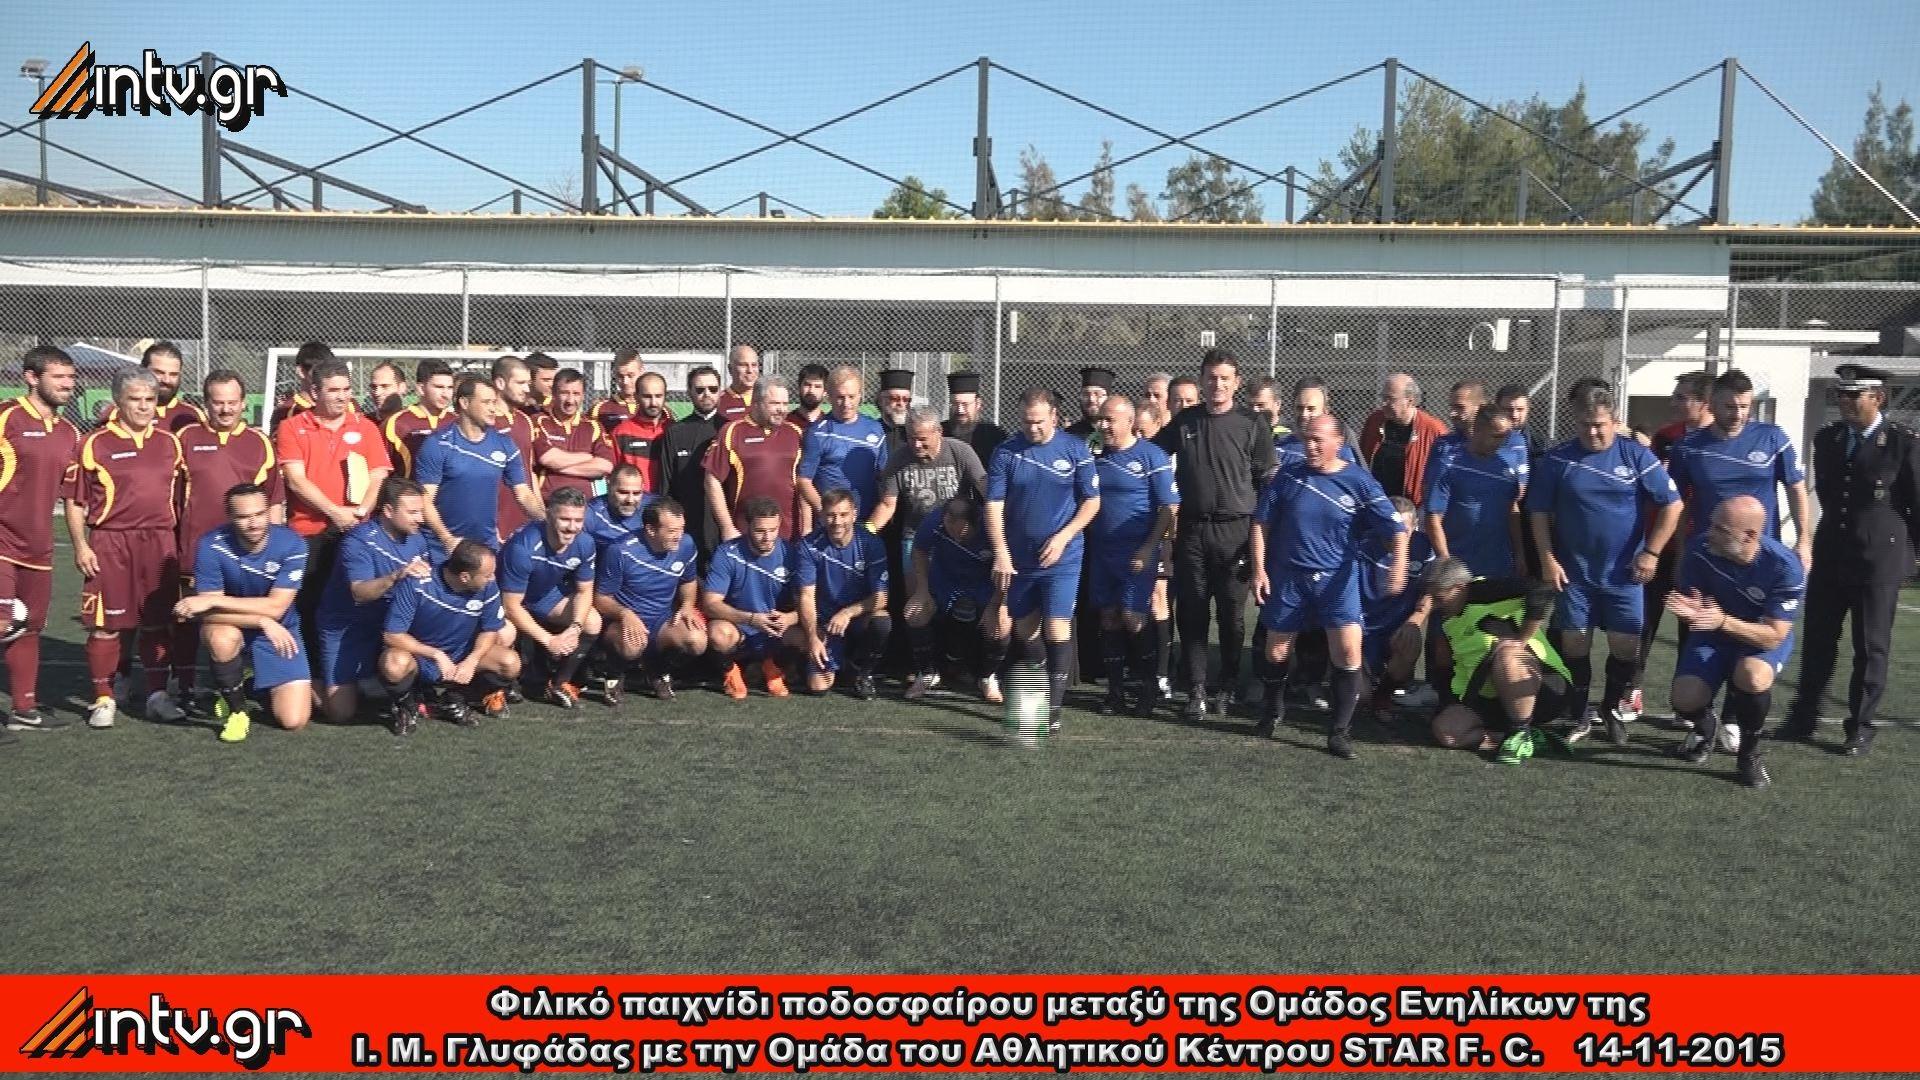 Φιλικό παιχνίδι ποδοσφαίρου μεταξύ της Ομάδος Ενηλίκων της Ι. Μ. Γλυφάδας με την Ομάδα του Αθλητικού Κέντρου STAR F. C.